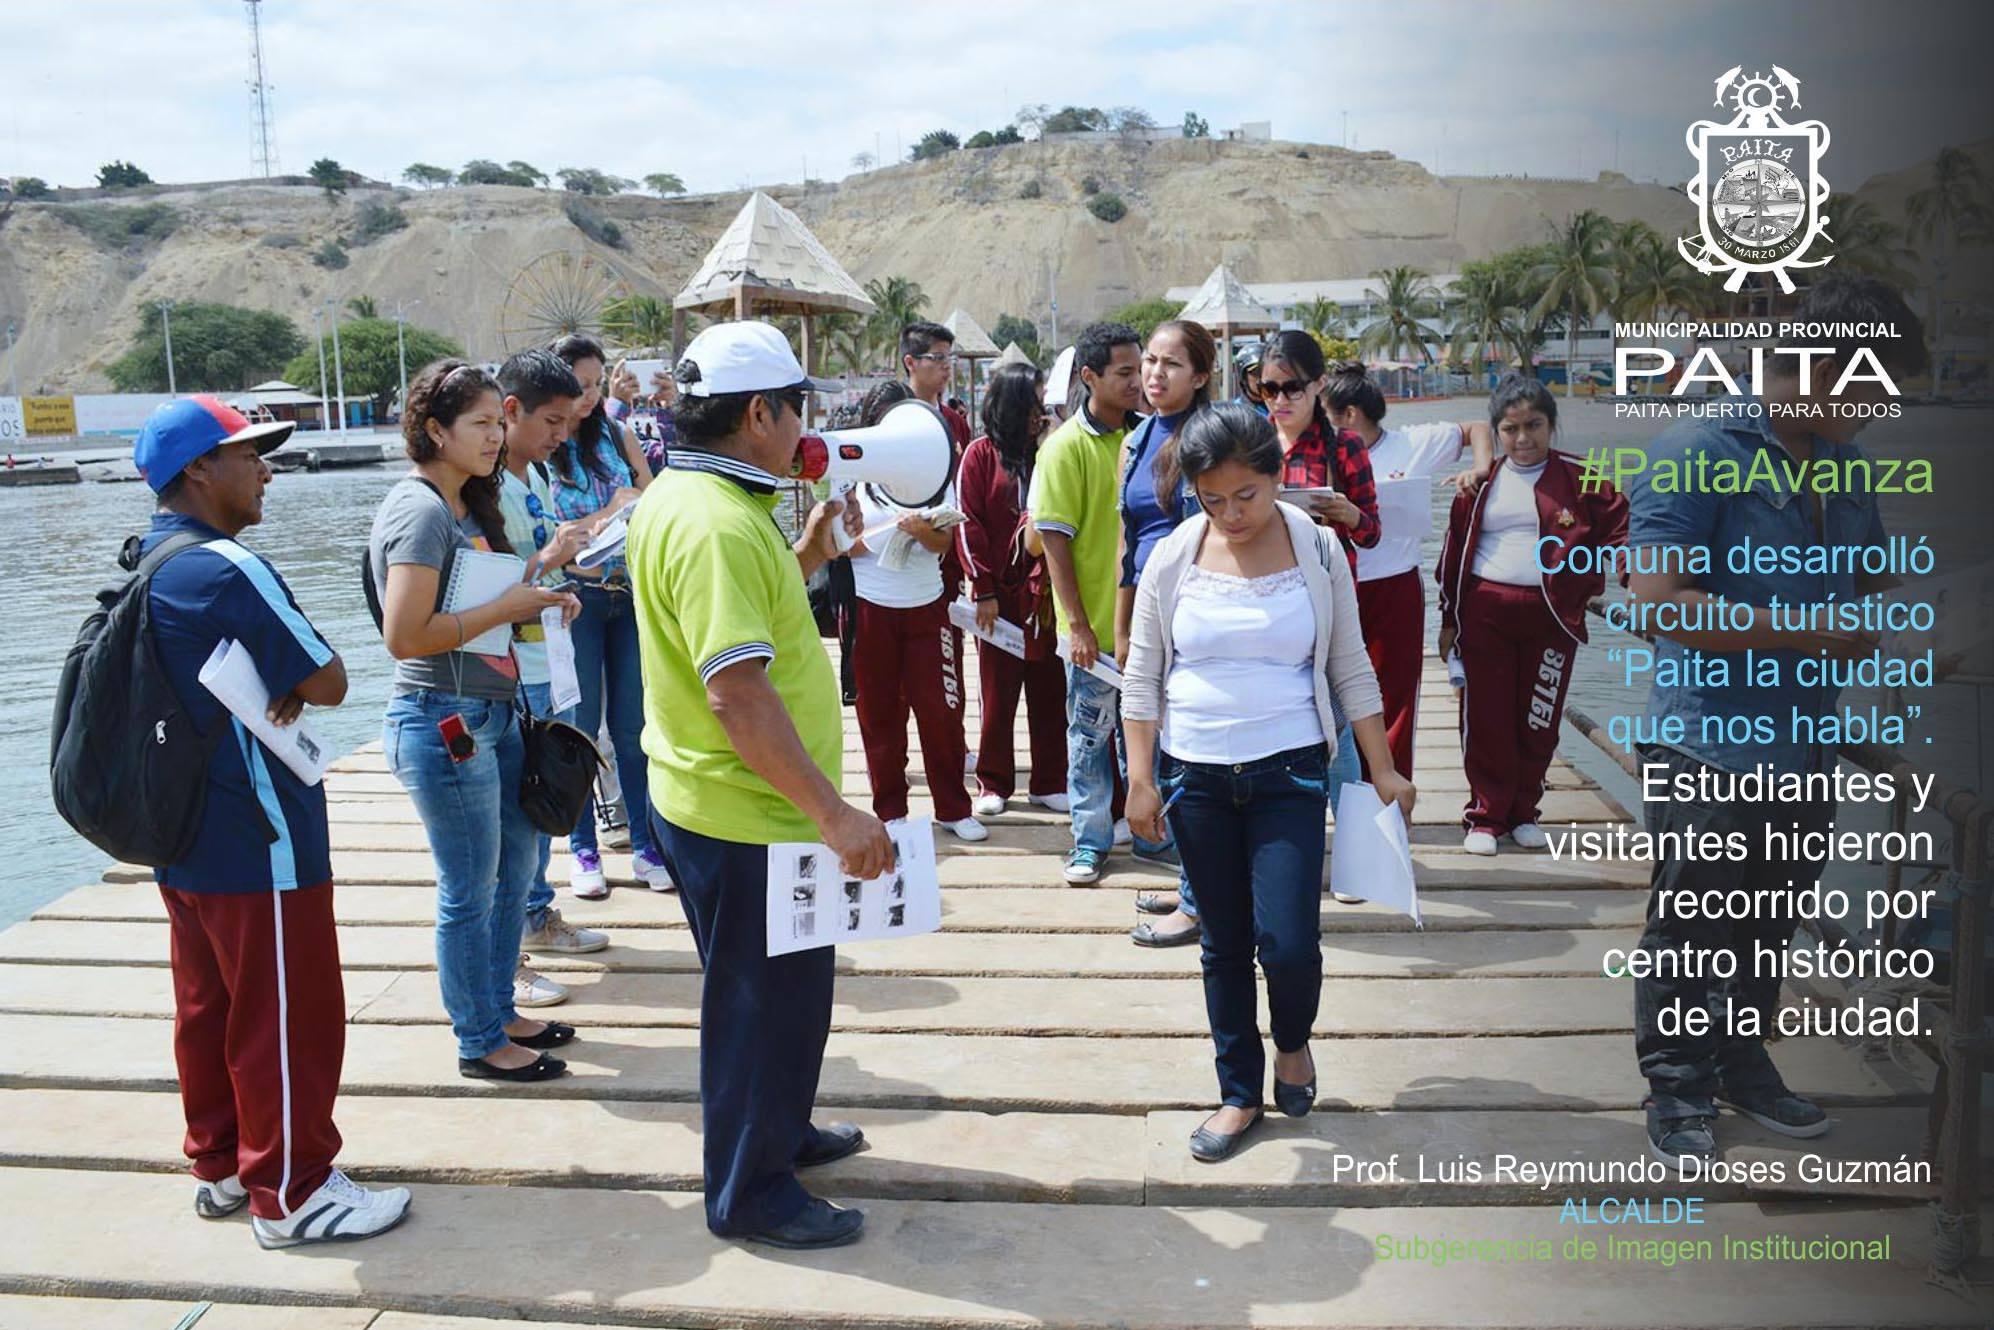 Circuito Que Habla : Comuna desarrolla circuito turÍstico u201cpaita la ciudad que nos hablau201d